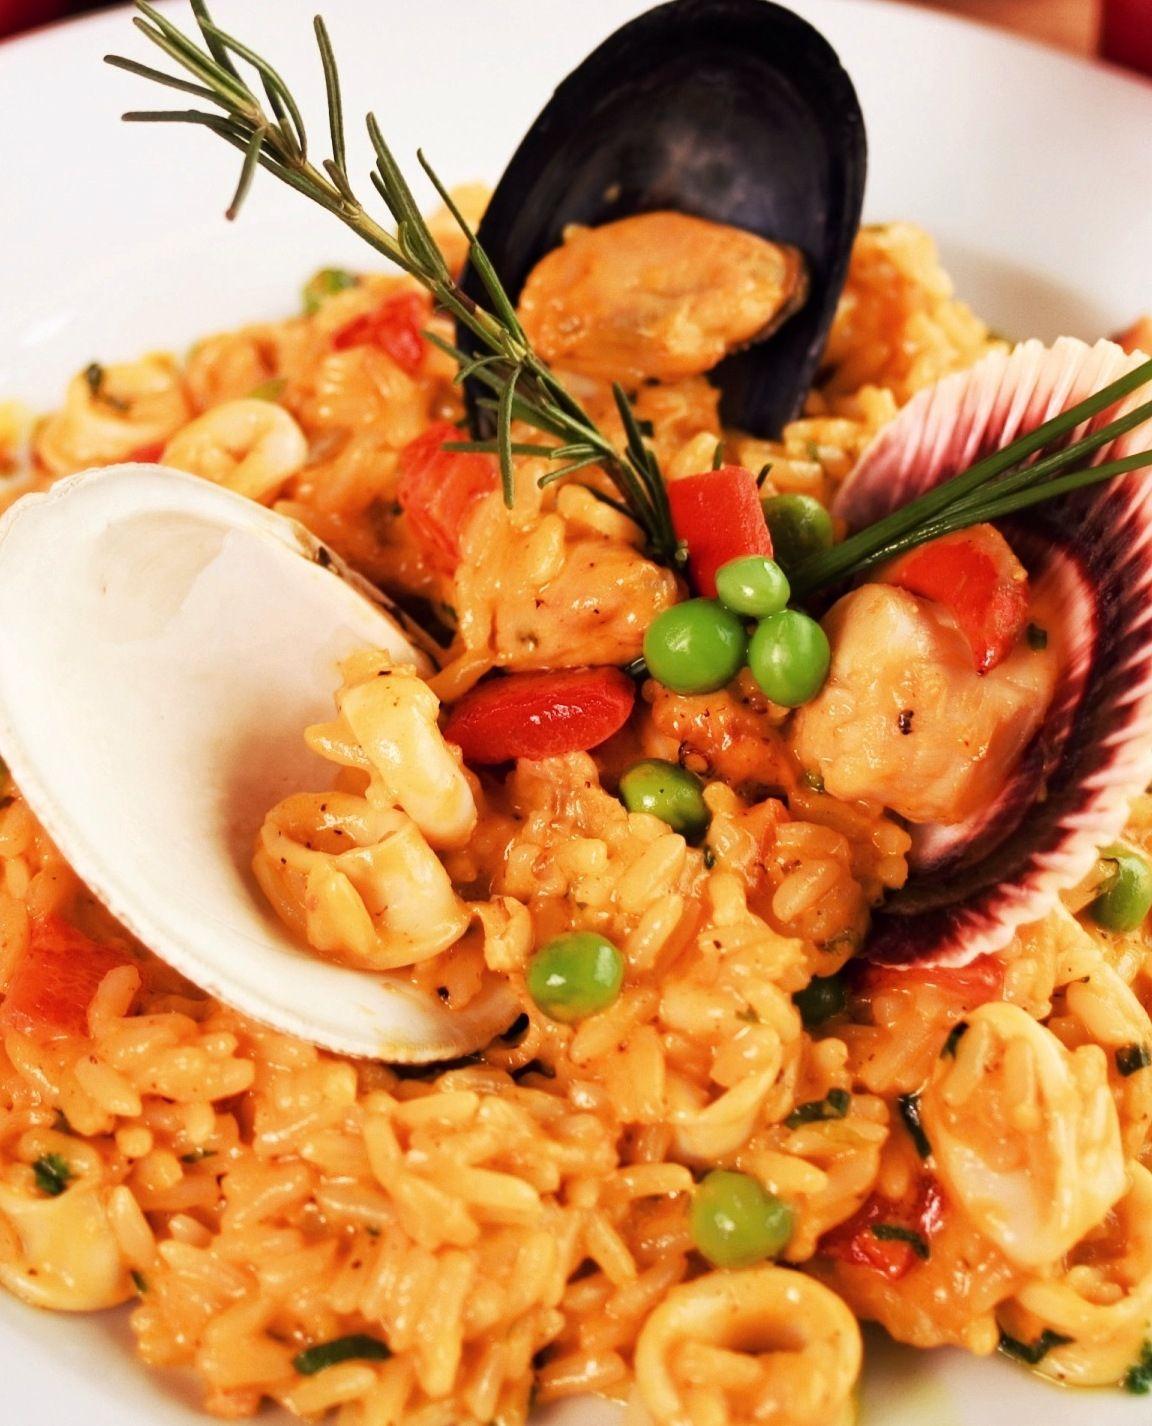 Arroz Con Mariscos Rice With Seafood